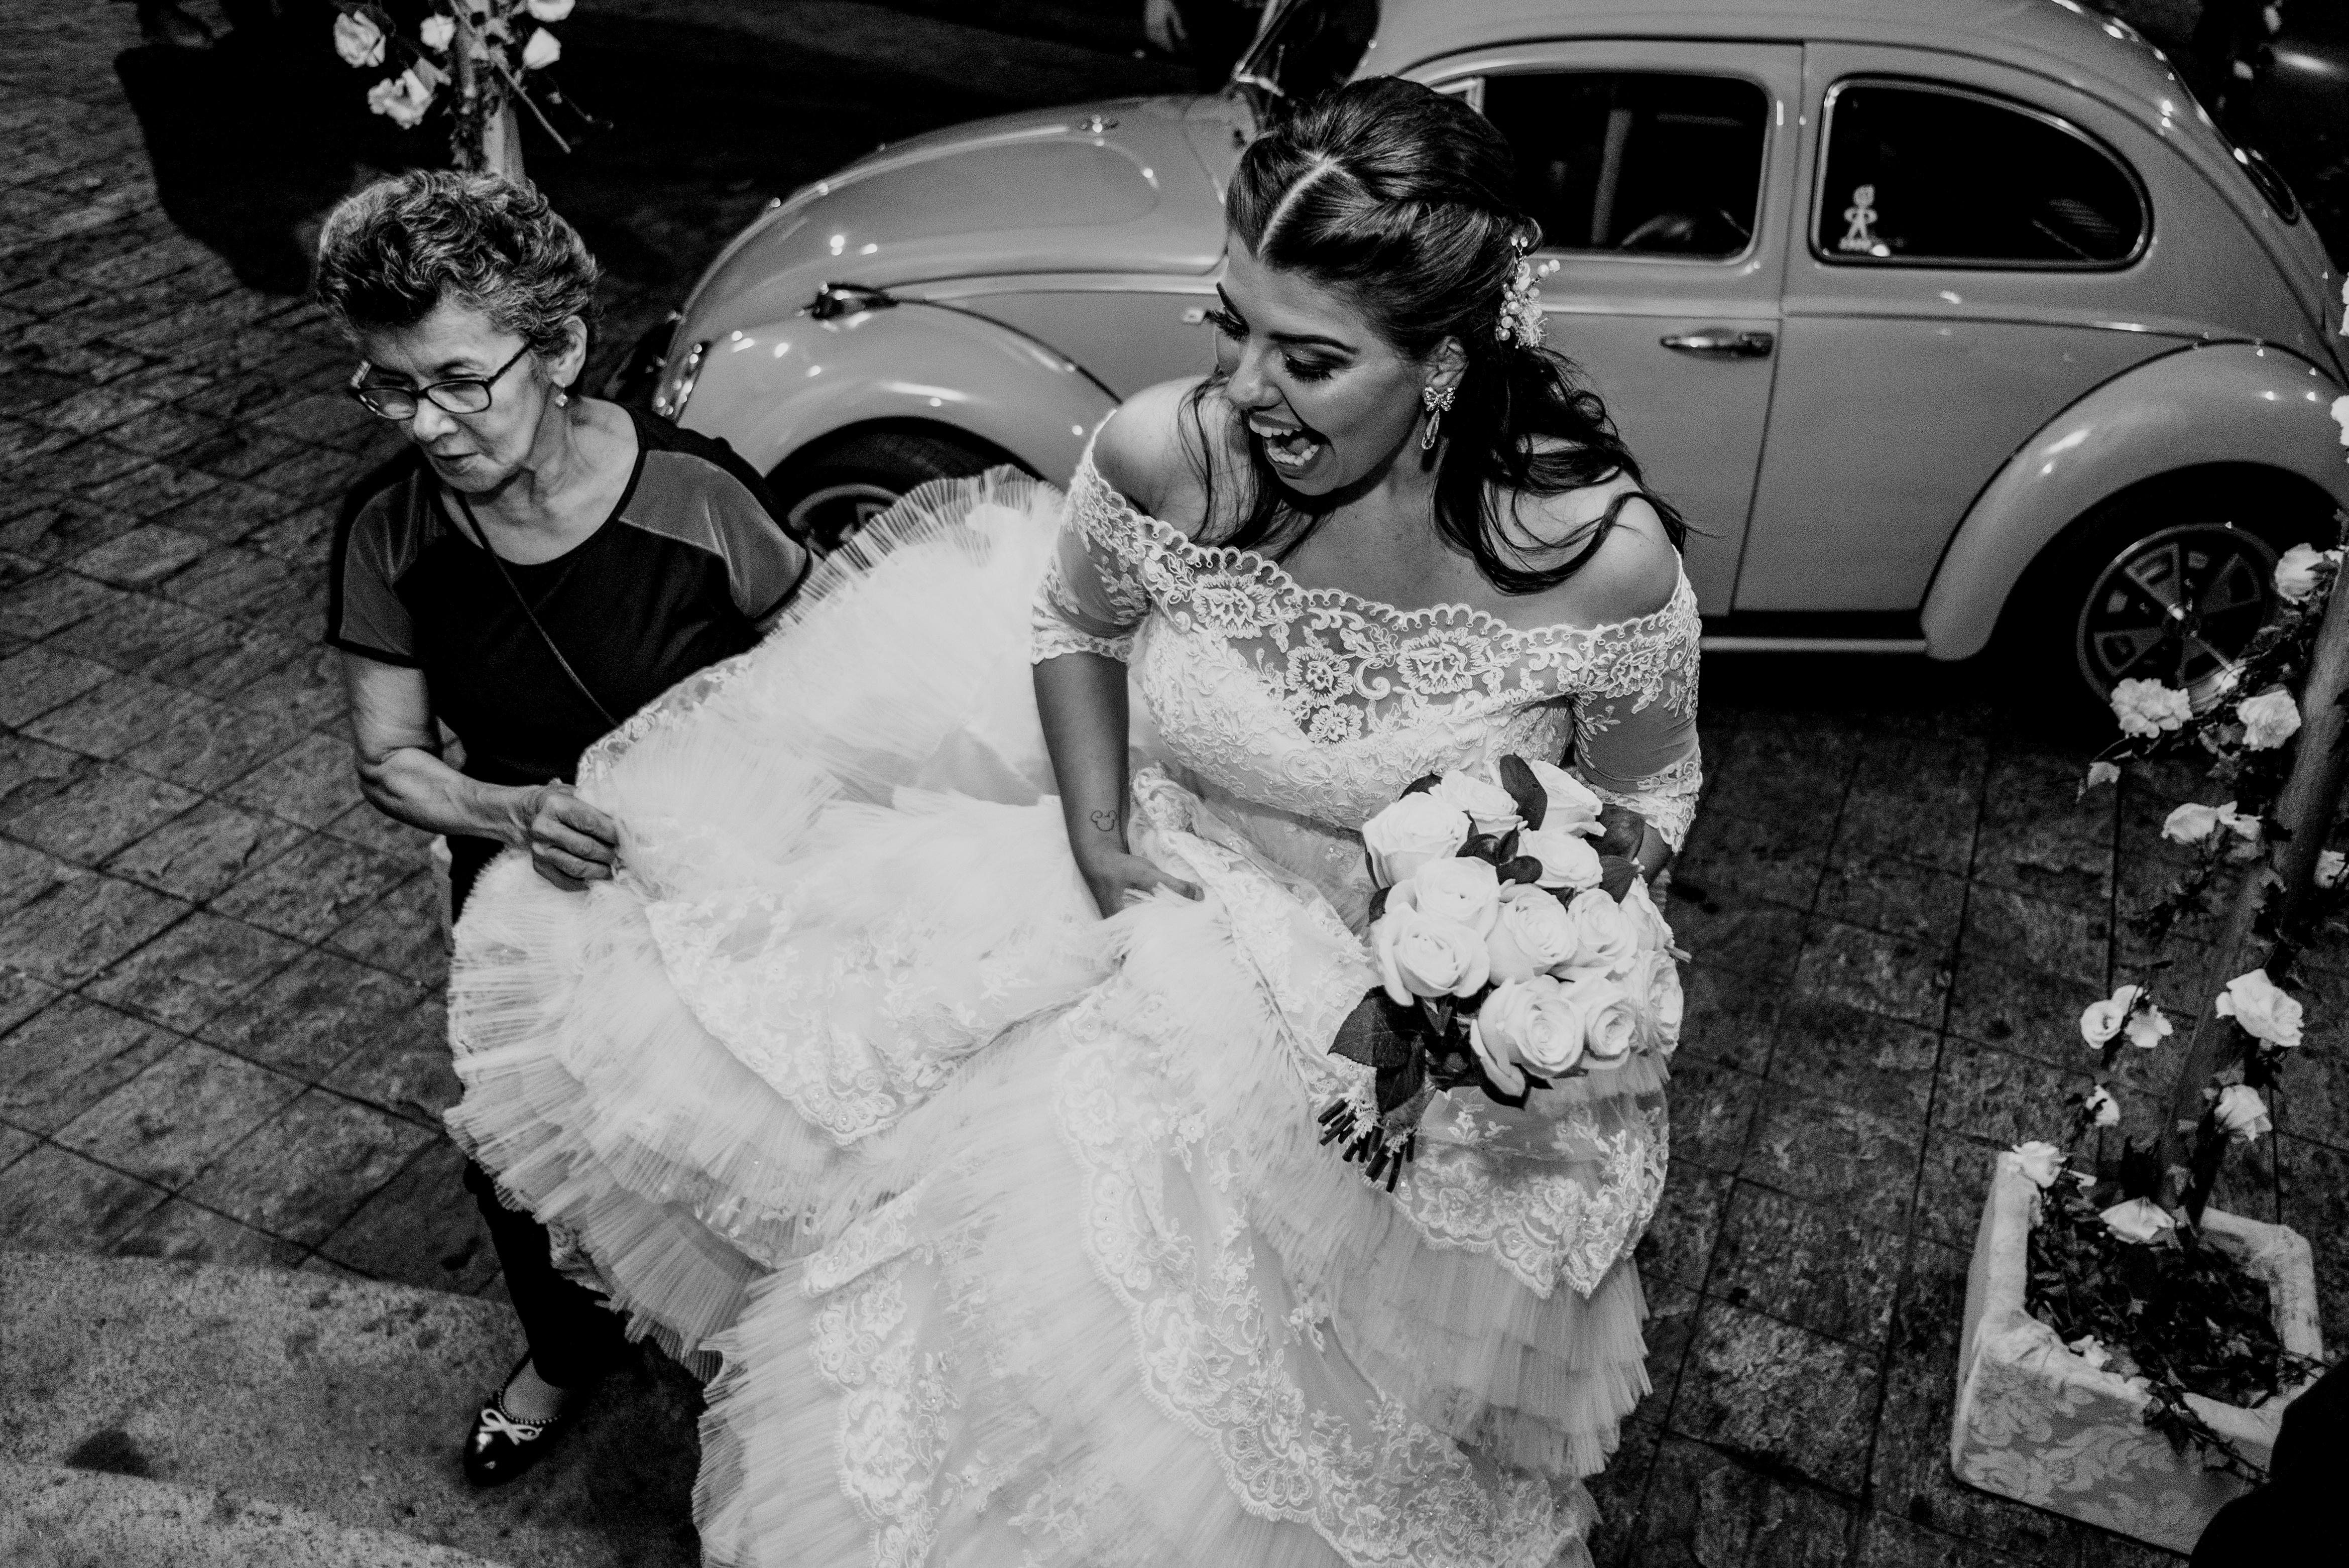 Contate Melhor Fotógrafo de São Paulo, casamentos, ensaios e família